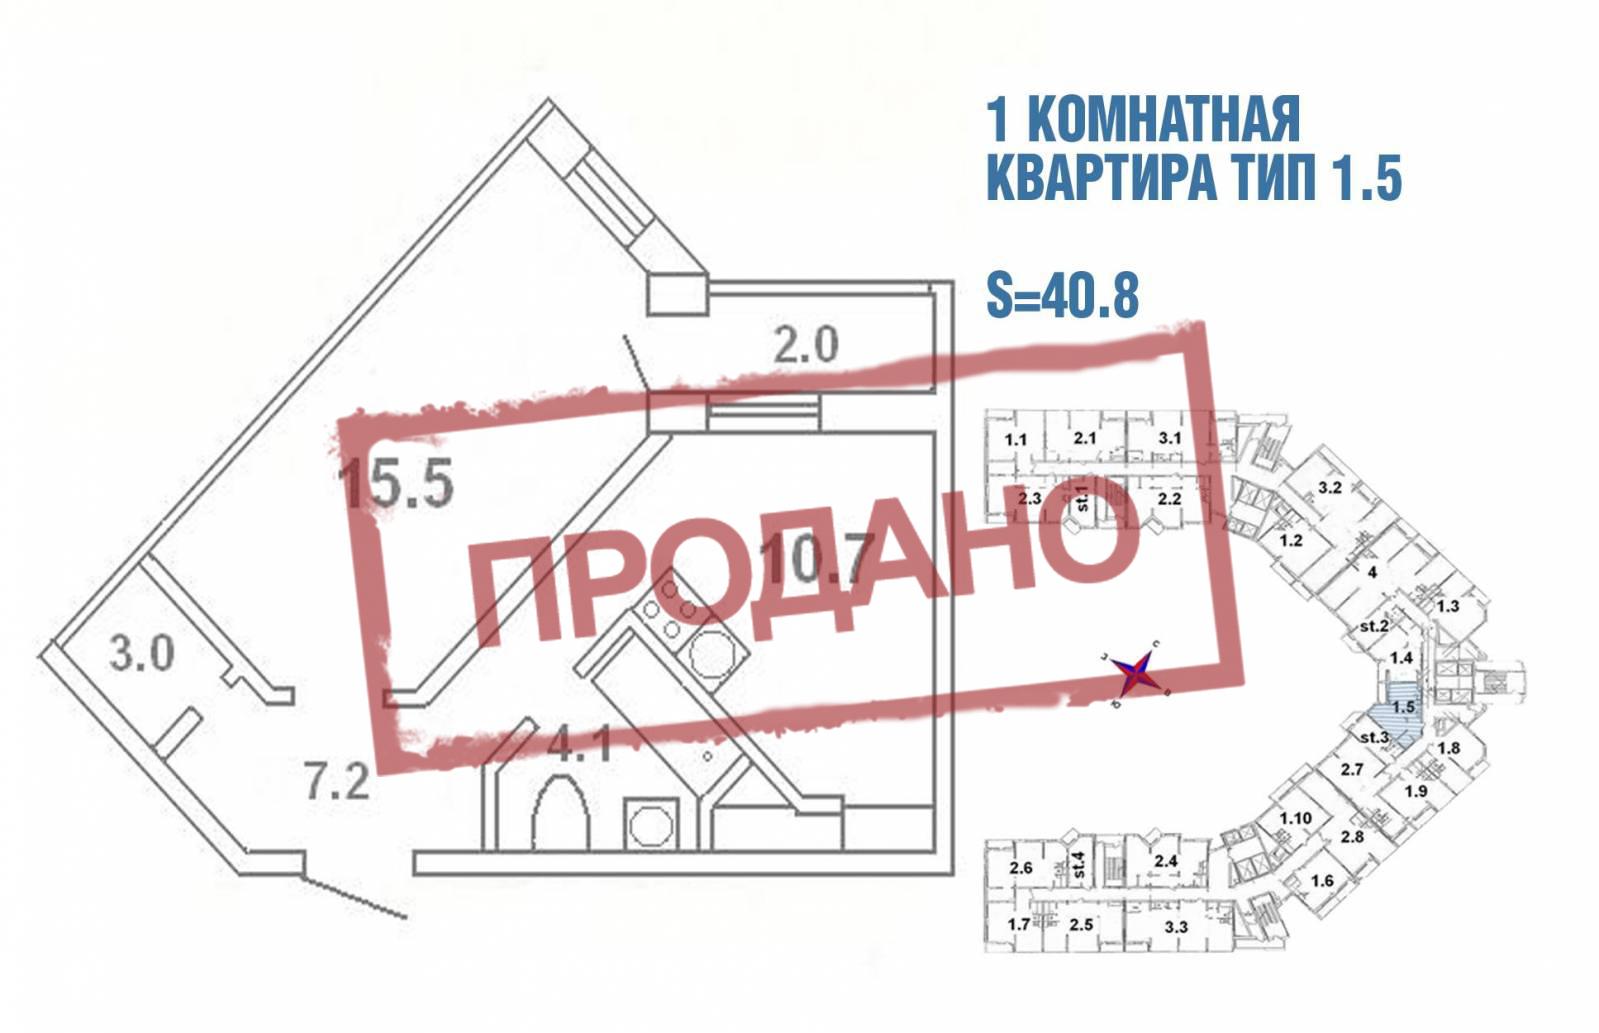 1 комнатная квартира тип 1.5 - 40,8 кв.м.